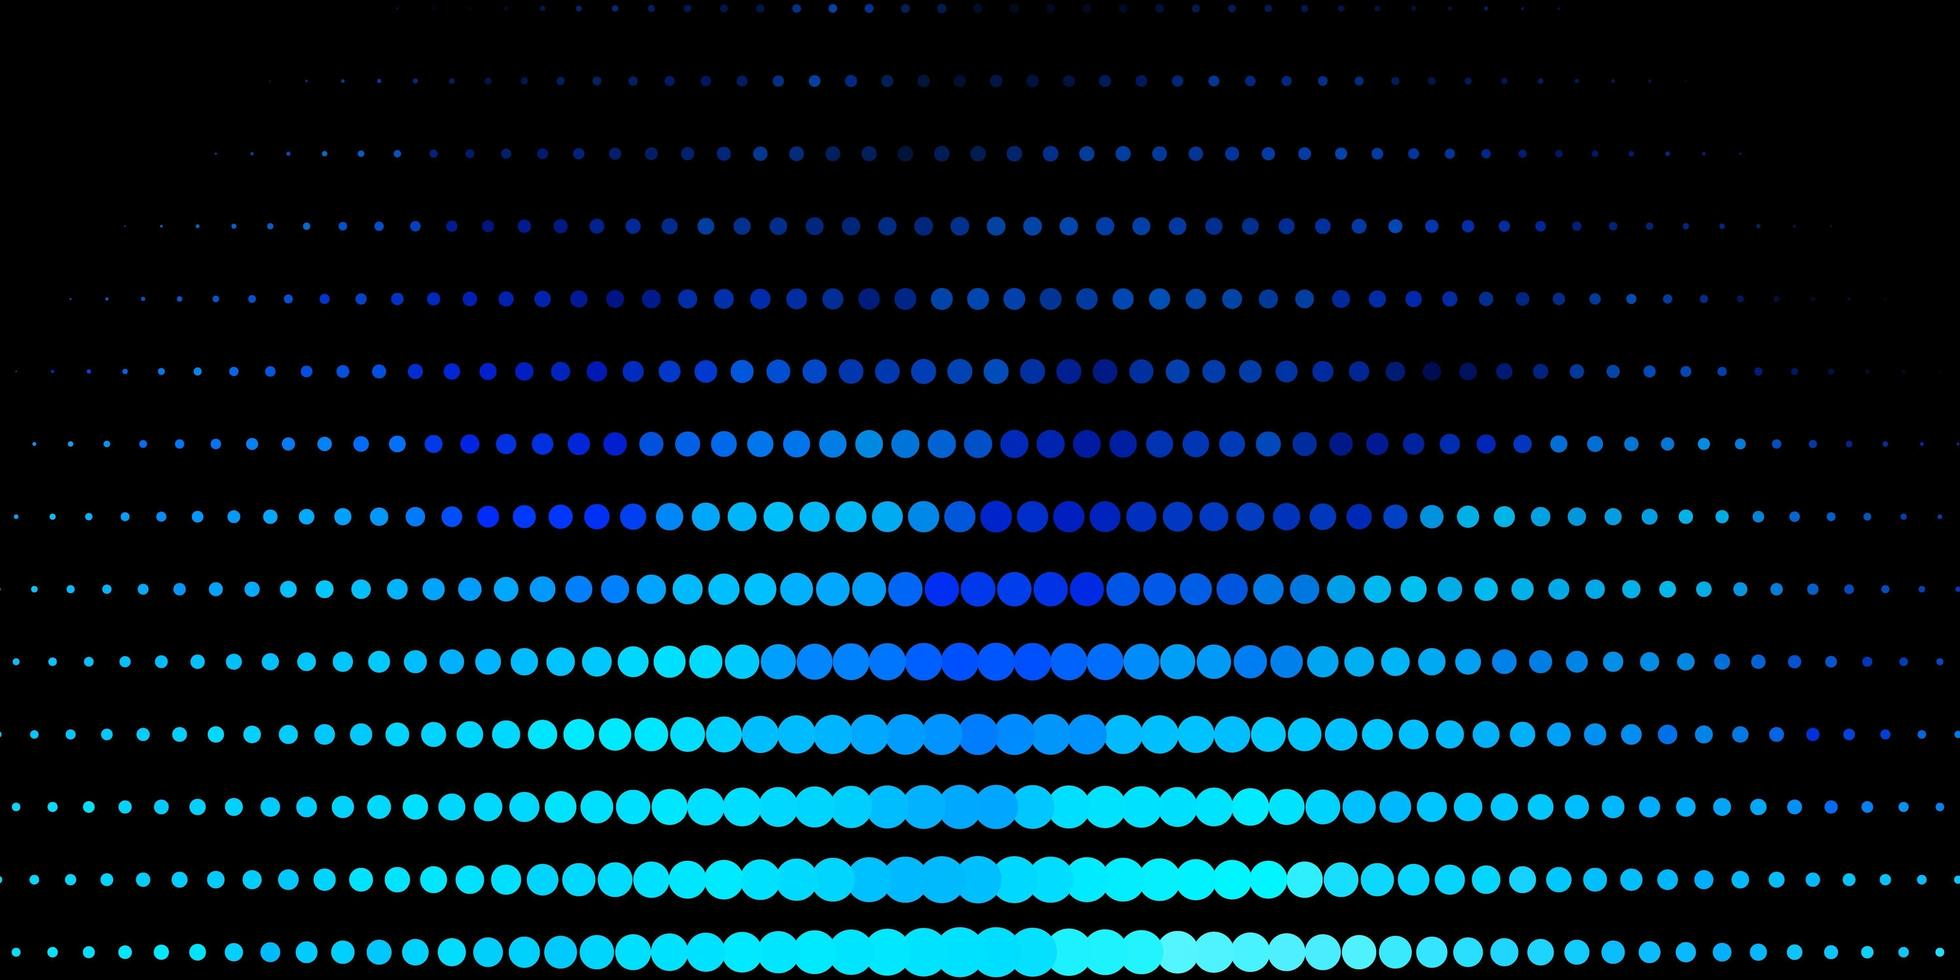 blauer Hintergrund mit Flecken. vektor